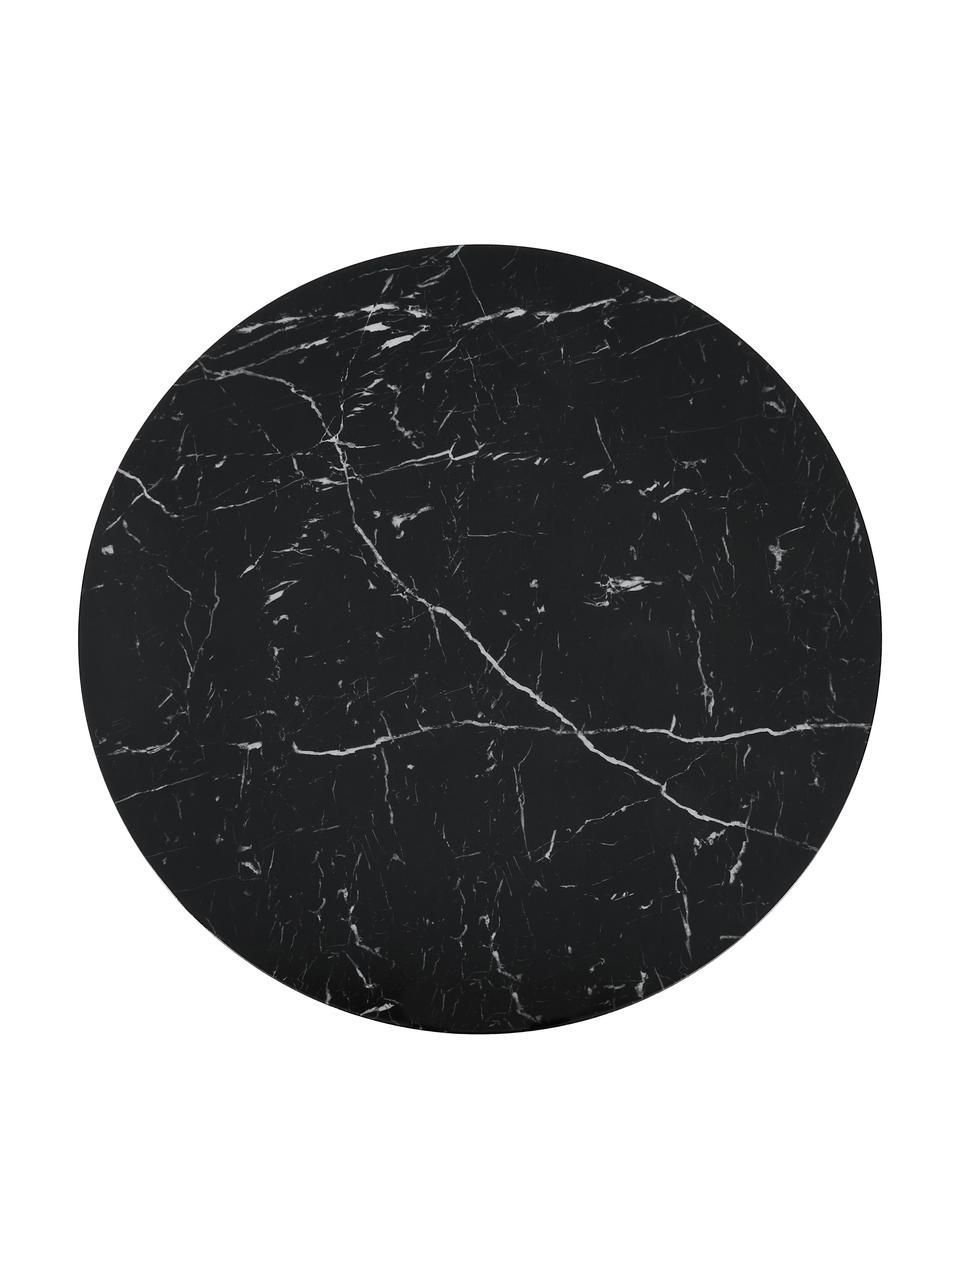 Table ronde noire Karla, Plateau: noir, marbré Pied: noir, mat